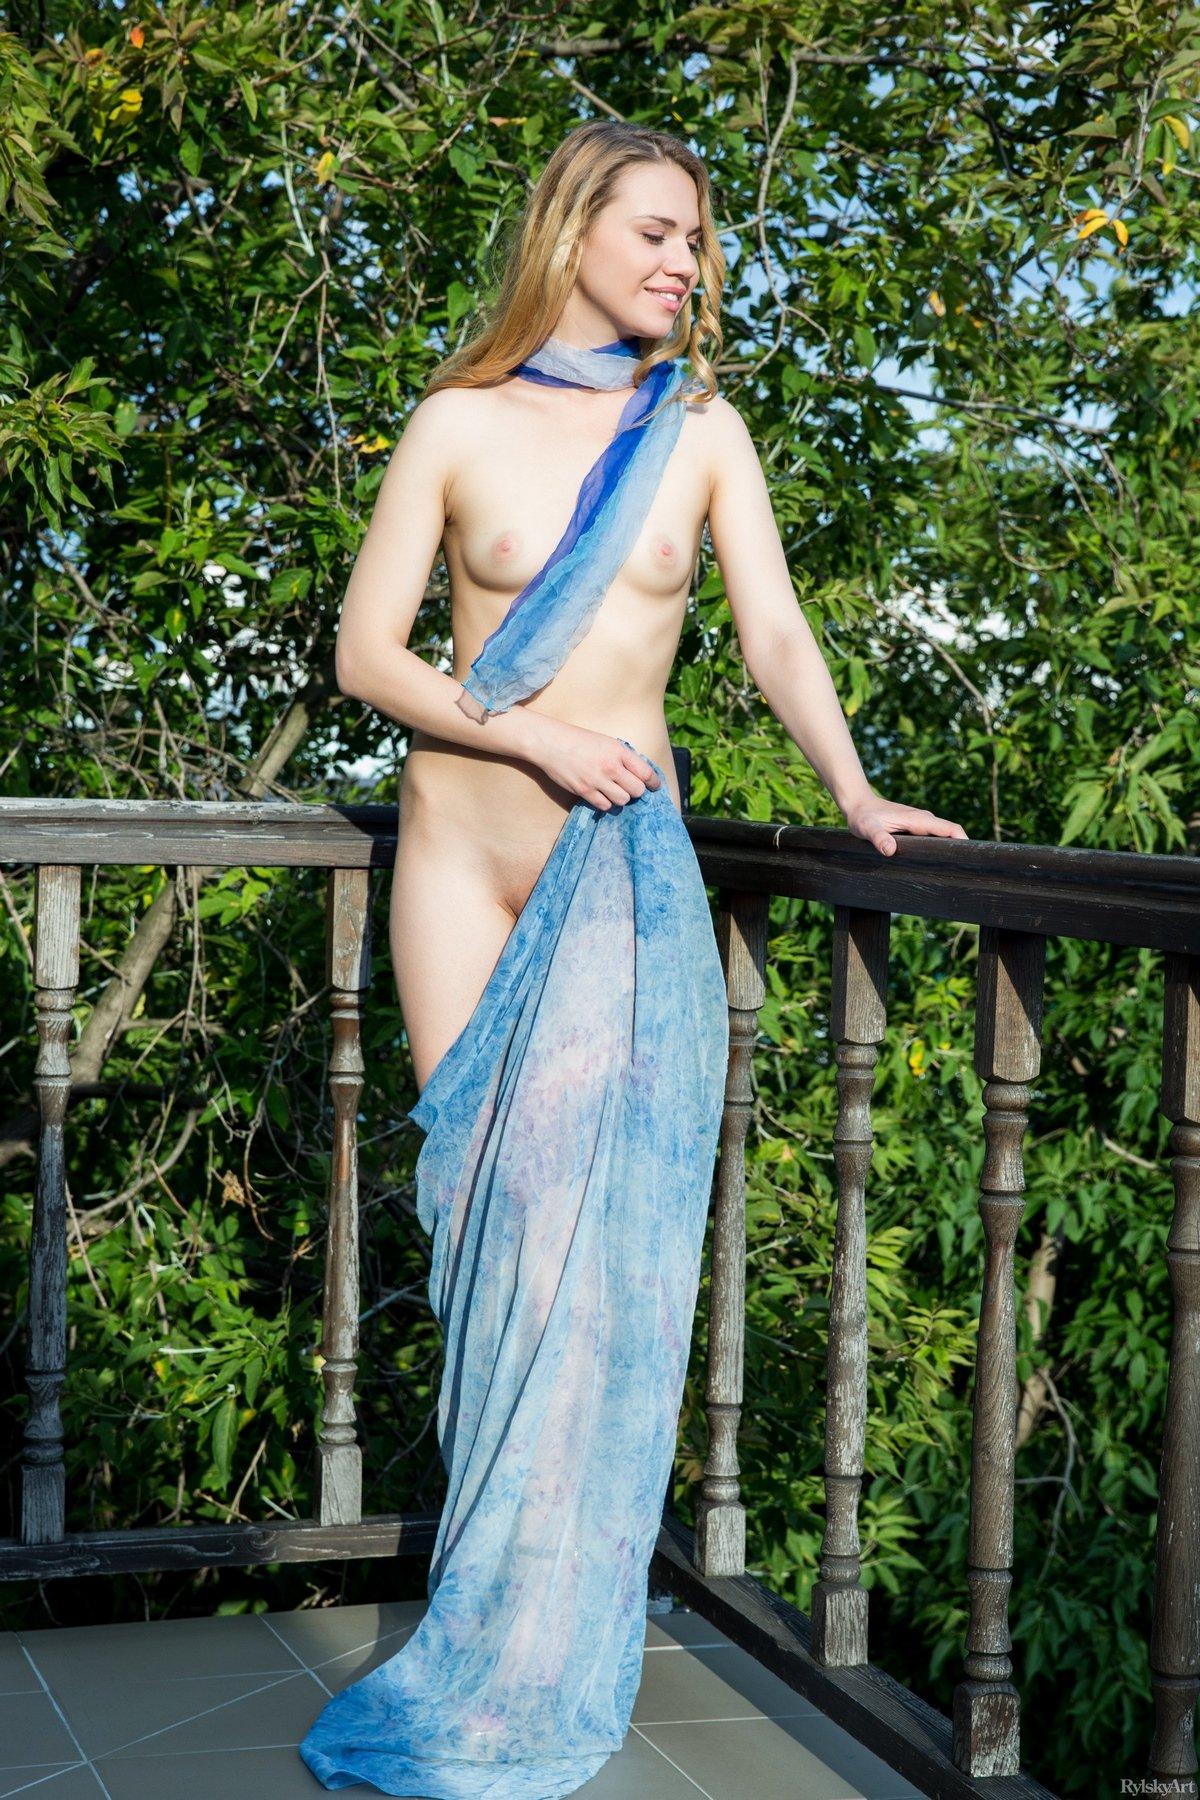 Обнаженная светлая модель с голубым парео на балконе